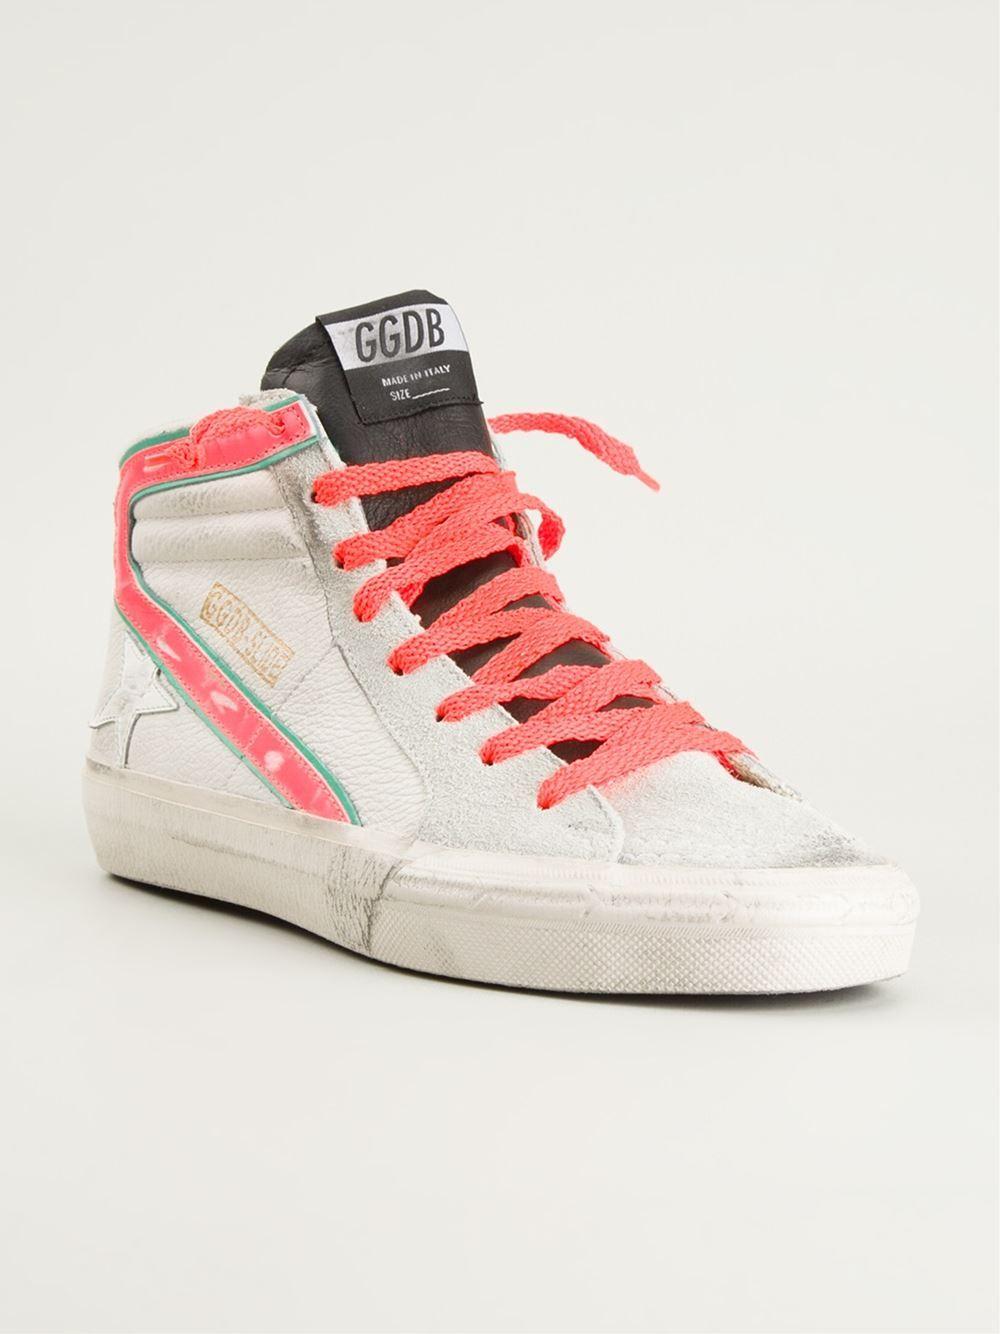 5464876828be Golden Goose Deluxe Brand  slide  Hi-top Sneakers - Luuks - Farfetch ...